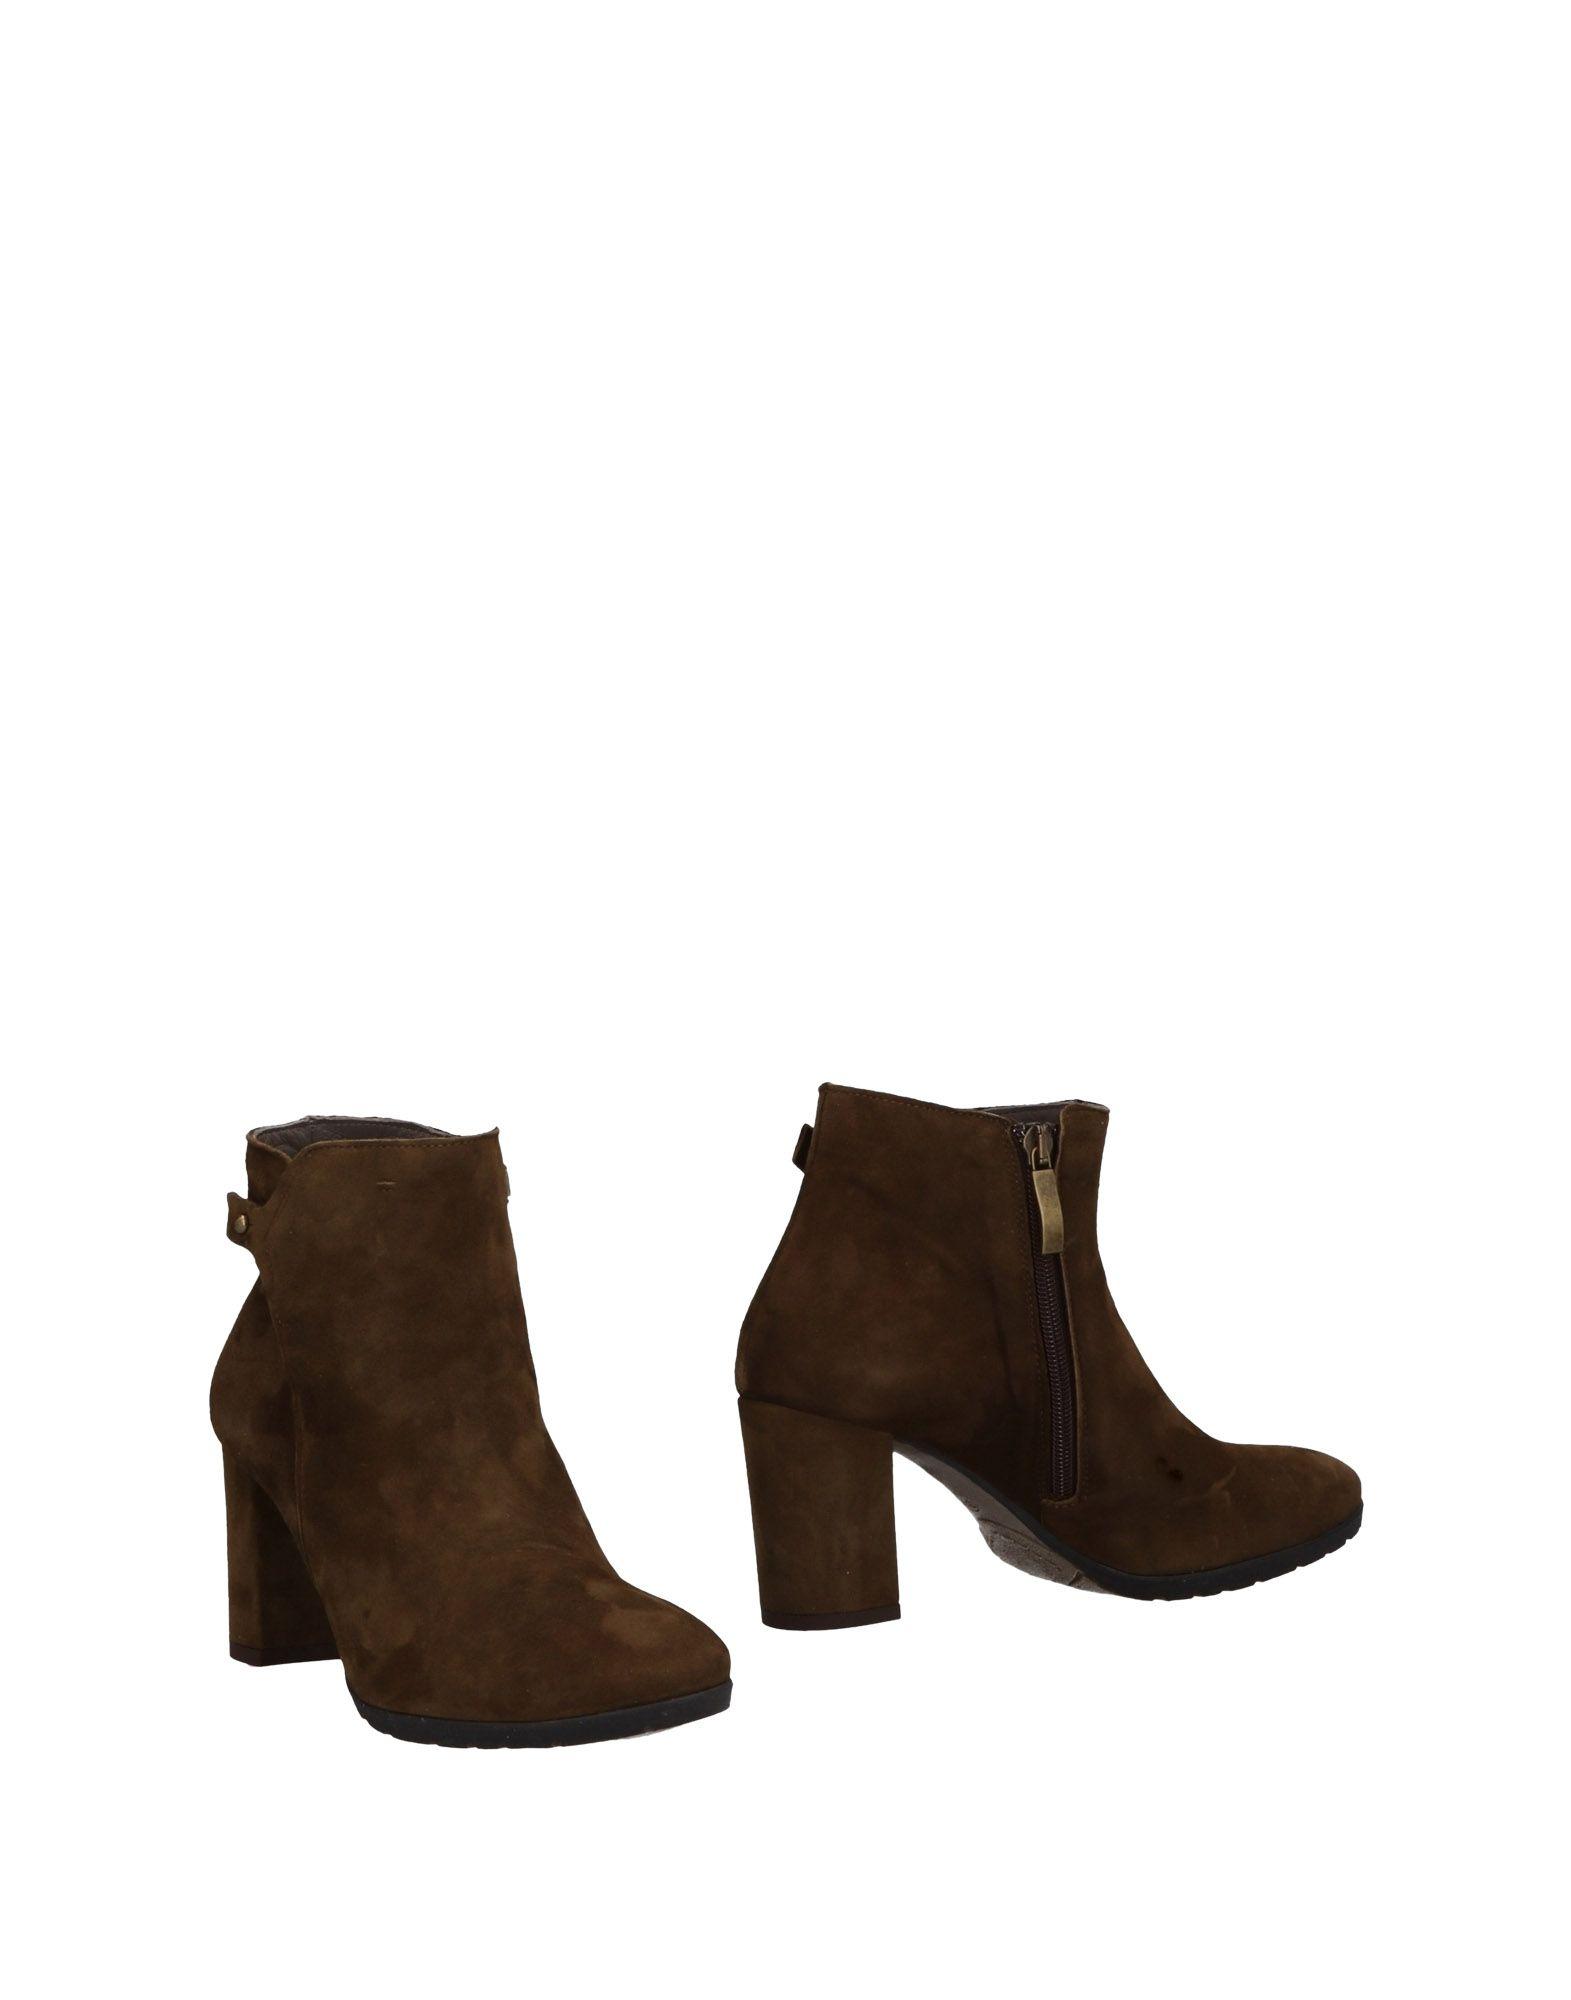 Mally Stiefelette Damen  Schuhe 11473115KB Gute Qualität beliebte Schuhe  54747f